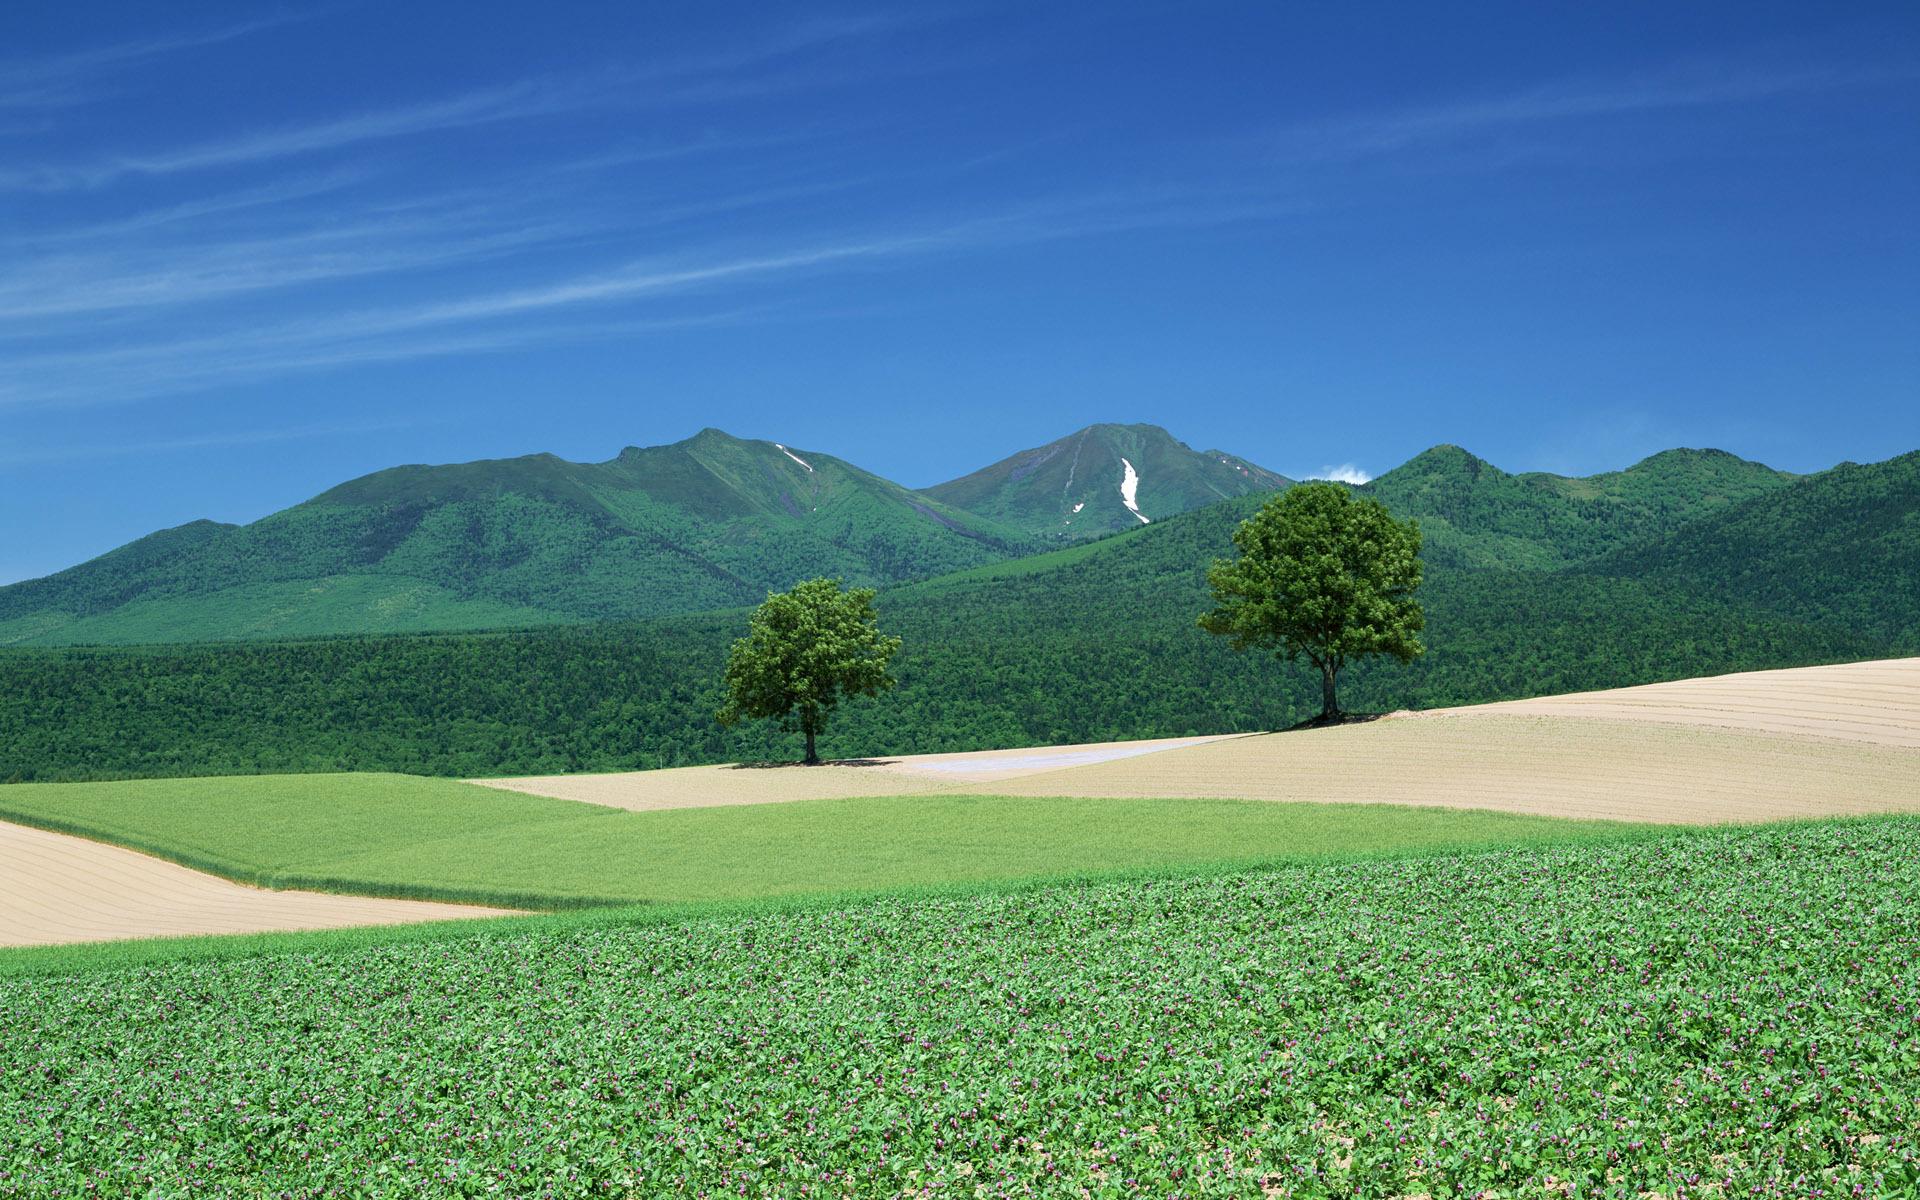 Зеленое поле возле горы  № 1077821 бесплатно